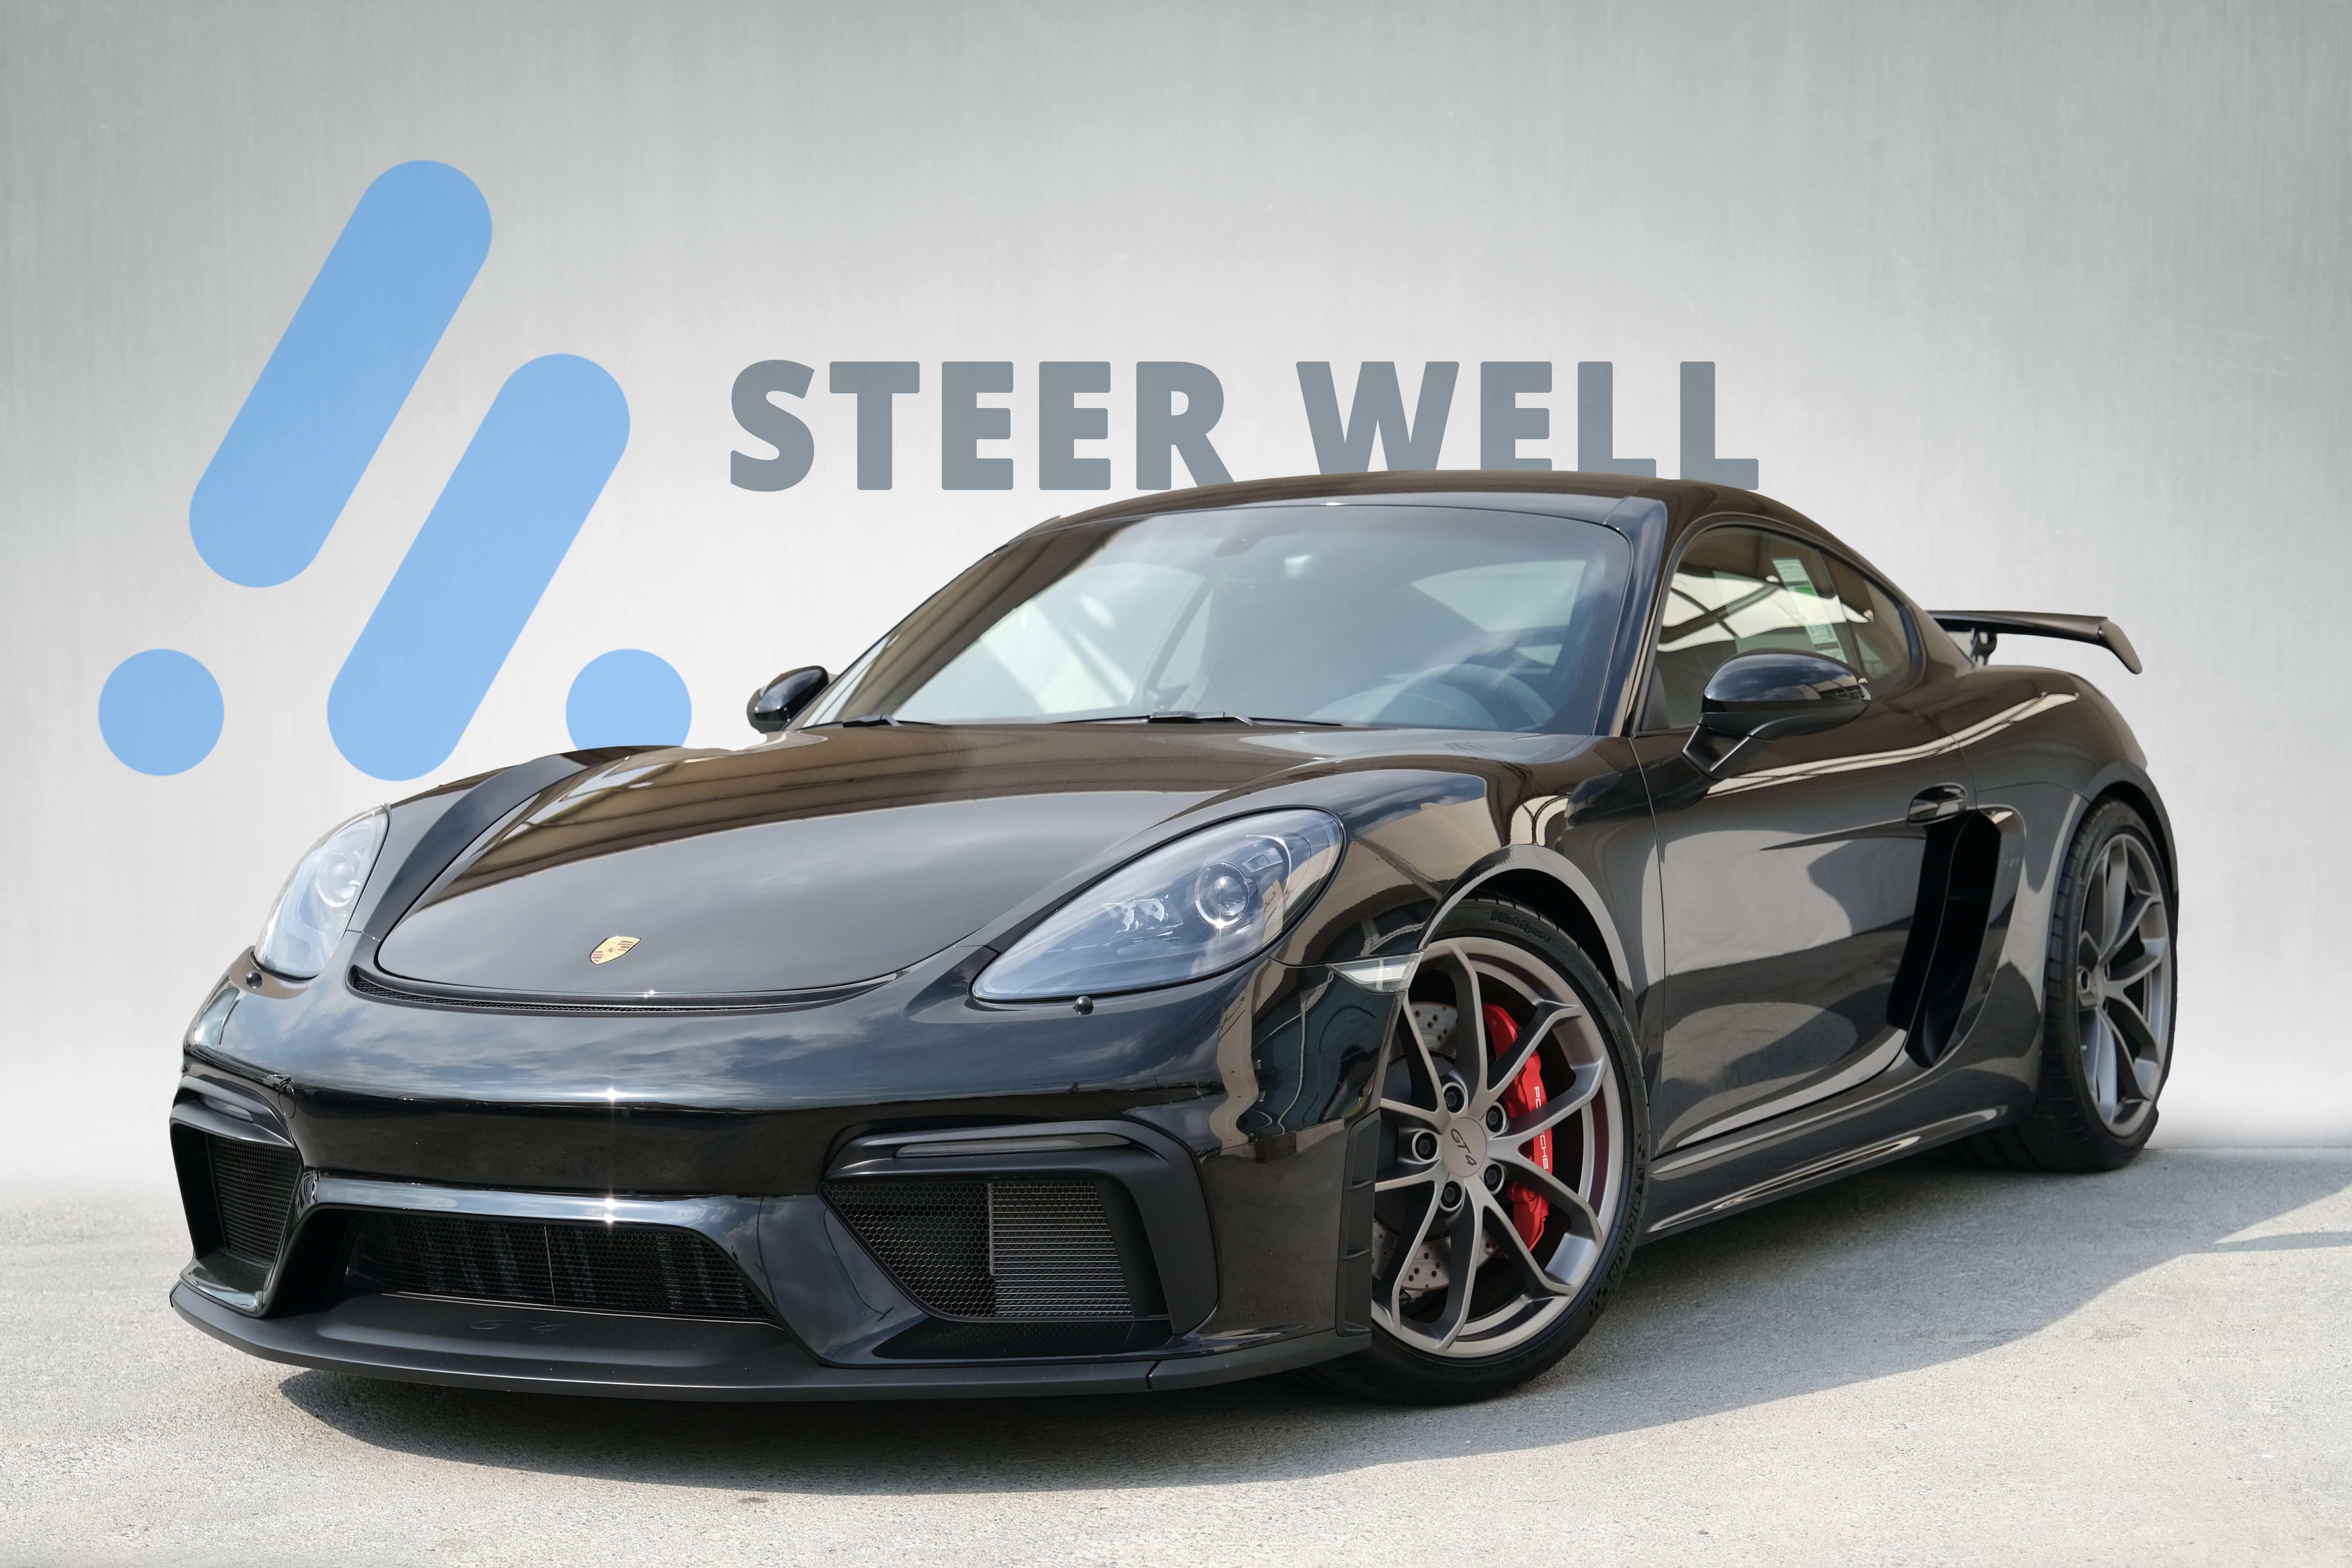 Porsche GT4  - 3 YEARS PORSCHE WARRANTY